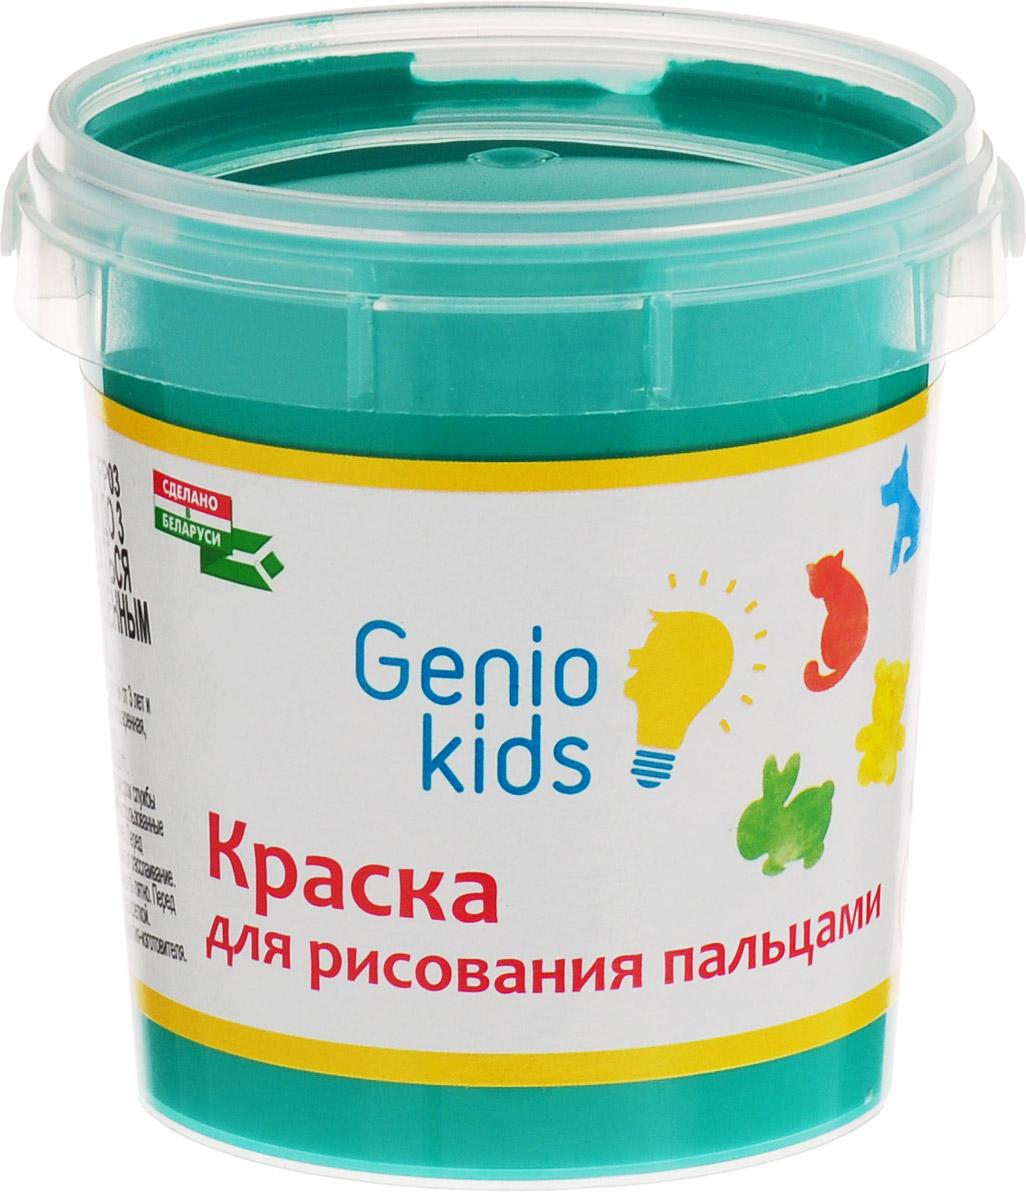 Genio Kids Краска пальчиковая цвет зеленый 100 млFP03_зеленыйОдним из самых легких и интересных видов творчества, в котором ваш ребенок с удовольствием примет активное участие - это рисование.Пальчиковая краска Genio Kids даст вашему ребенку возможность проявить себя, предоставив необходимый минимум творческих принадлежностей. При использовании краски не понадобятся ни кисточка, ни вода, достаточно просто открыть банку, окунуть в краску пальчик - и можно приступать к творчеству.Пальчиковая краска безопасна, легко смывается с рук и любых поверхностей. Рисование будет развивать у вашего малыша творческие способности, воображение, логику, память, мышление.